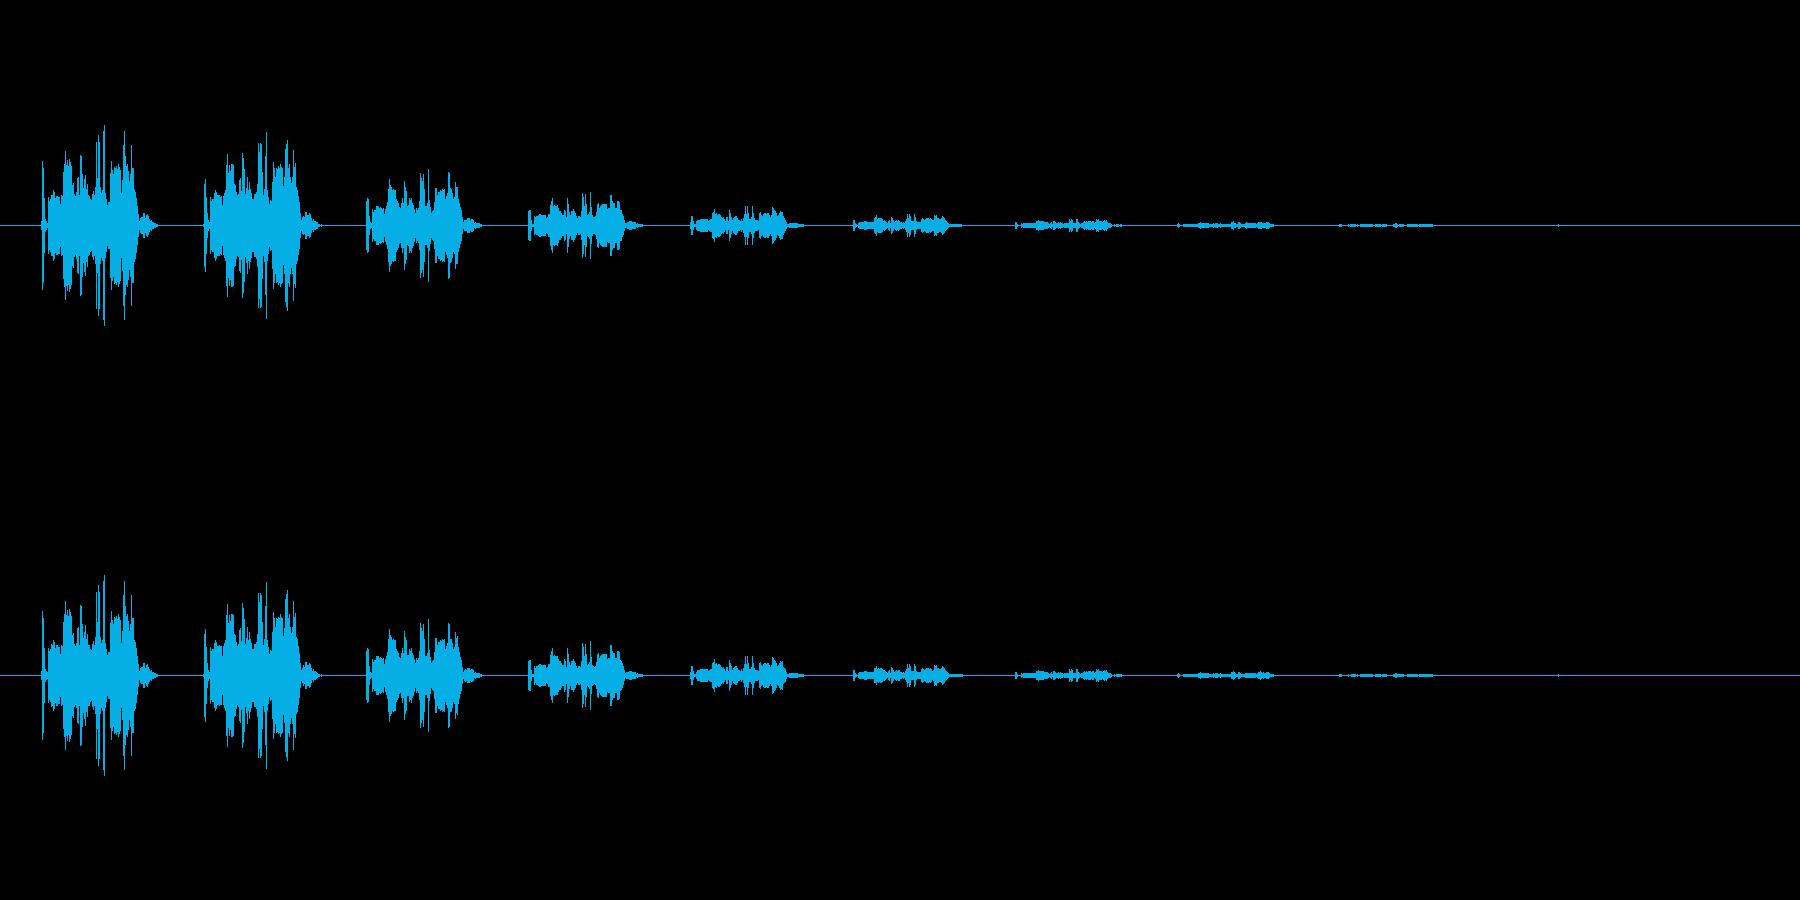 【骨折01-5】の再生済みの波形